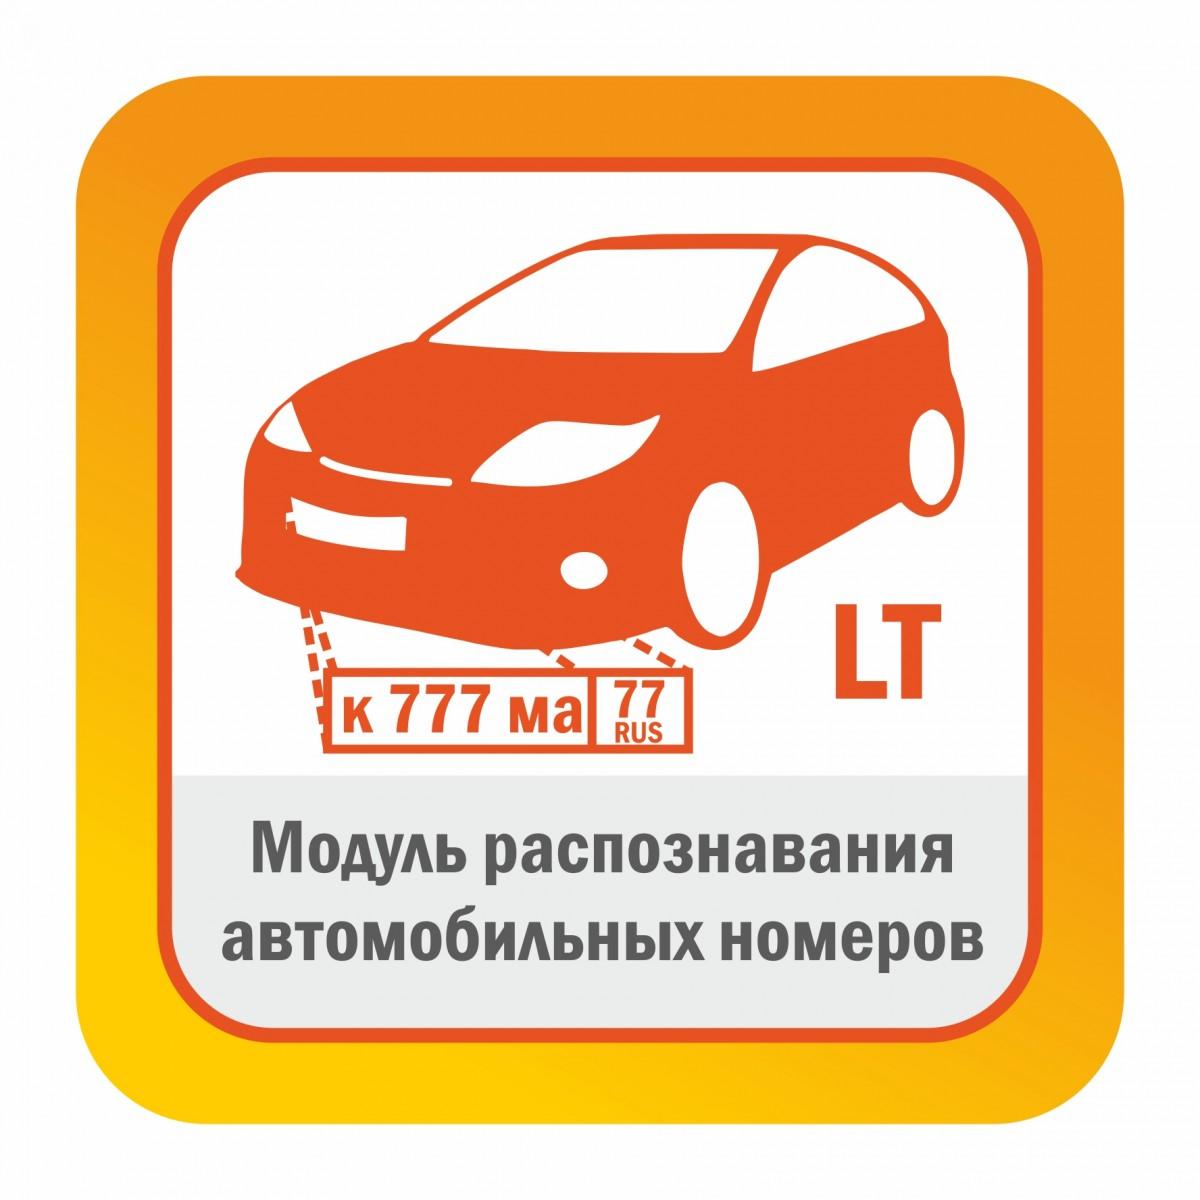 Модуль распознавания автомобильных номеров Satvision - редакция LT до 20 км/ч